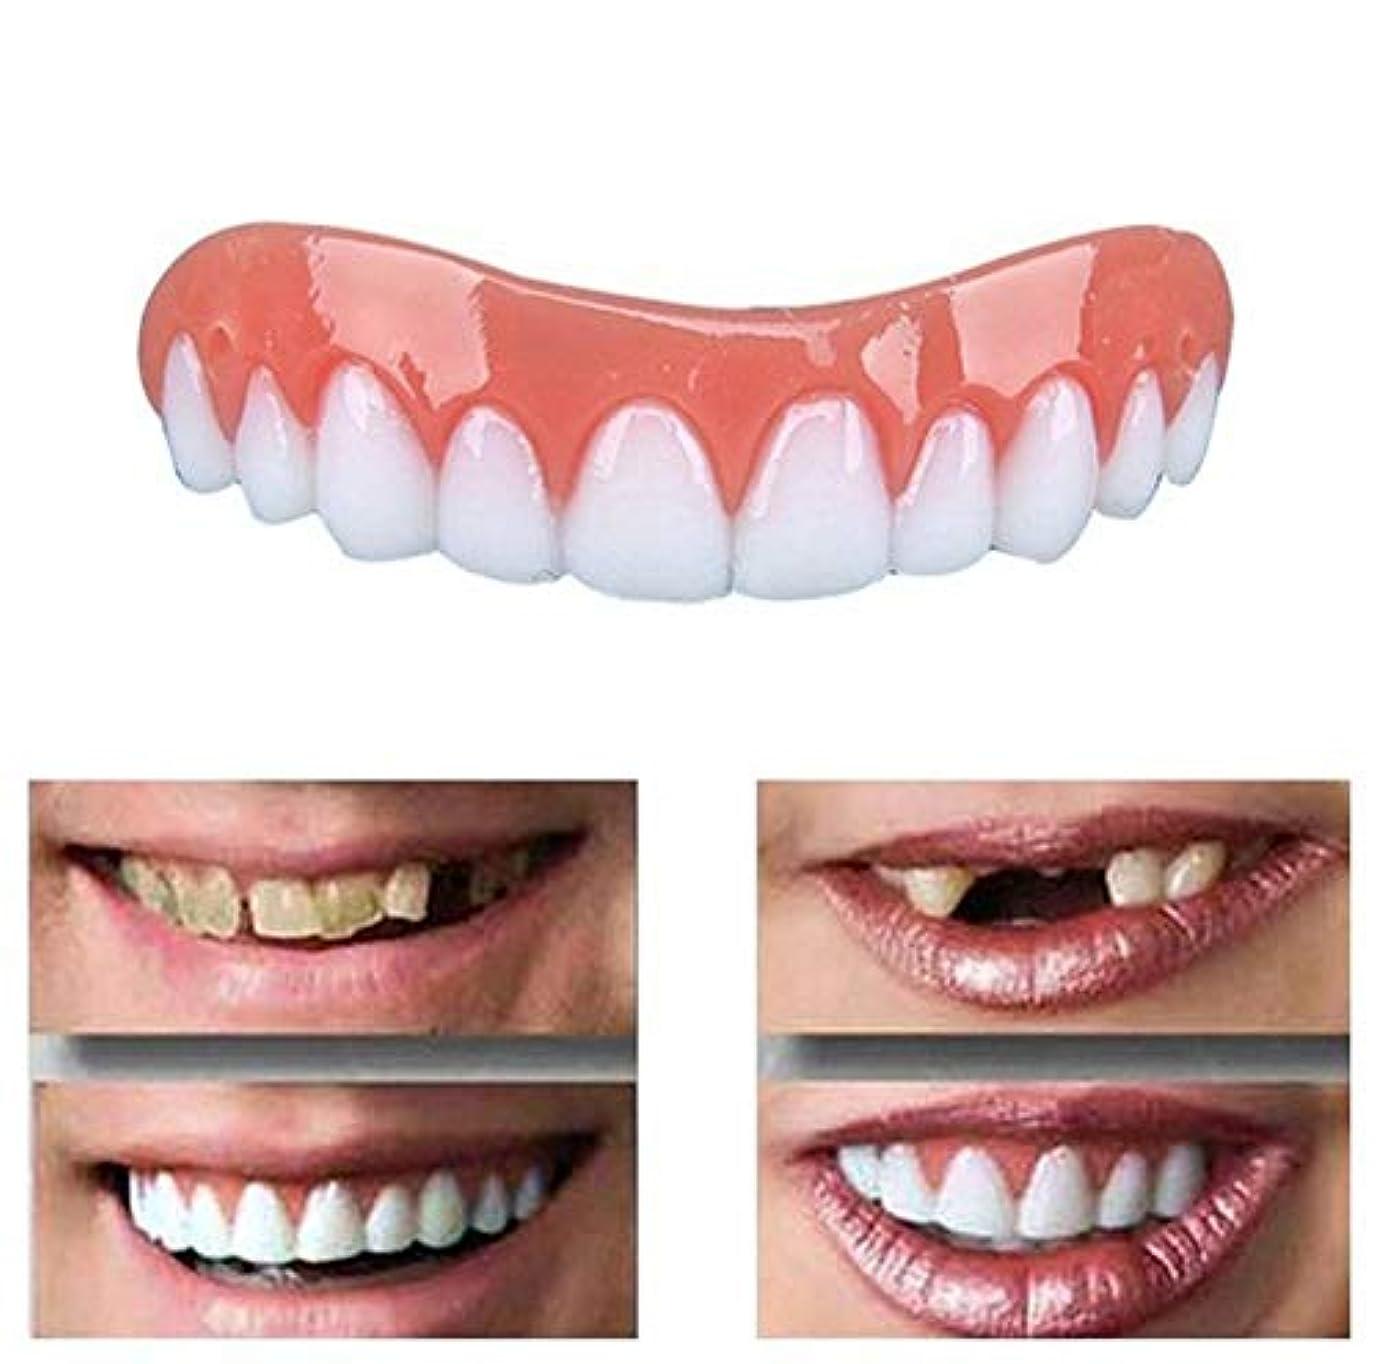 サルベージ過度の絶滅キットの歯セットの化粧品の上部のベニヤを白くする歯の微笑のベニヤのシリコーンの訂正